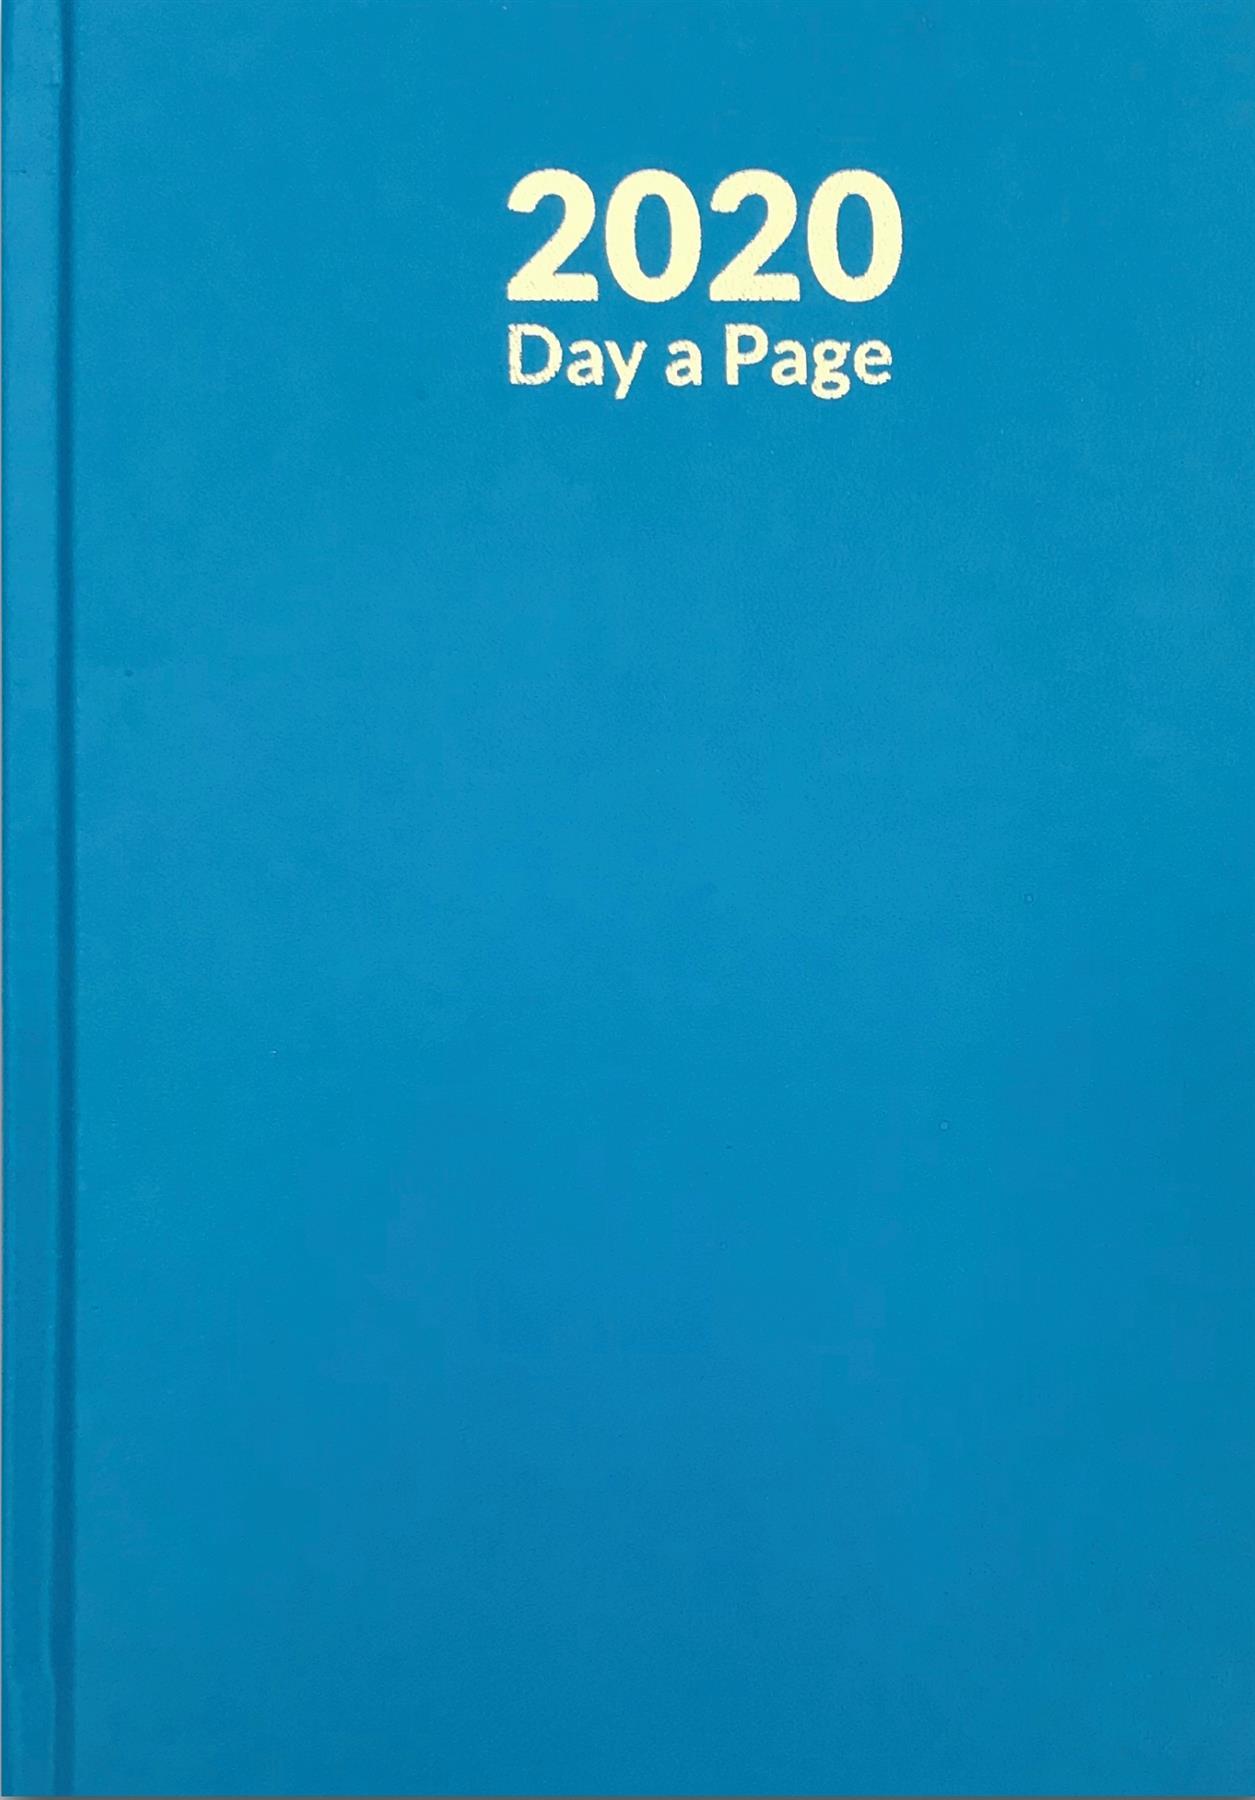 Pagina-de-A4-A5-2020-un-dia-semana-para-ver-diario-diario-de-cubierta-dura-Blancas miniatura 19